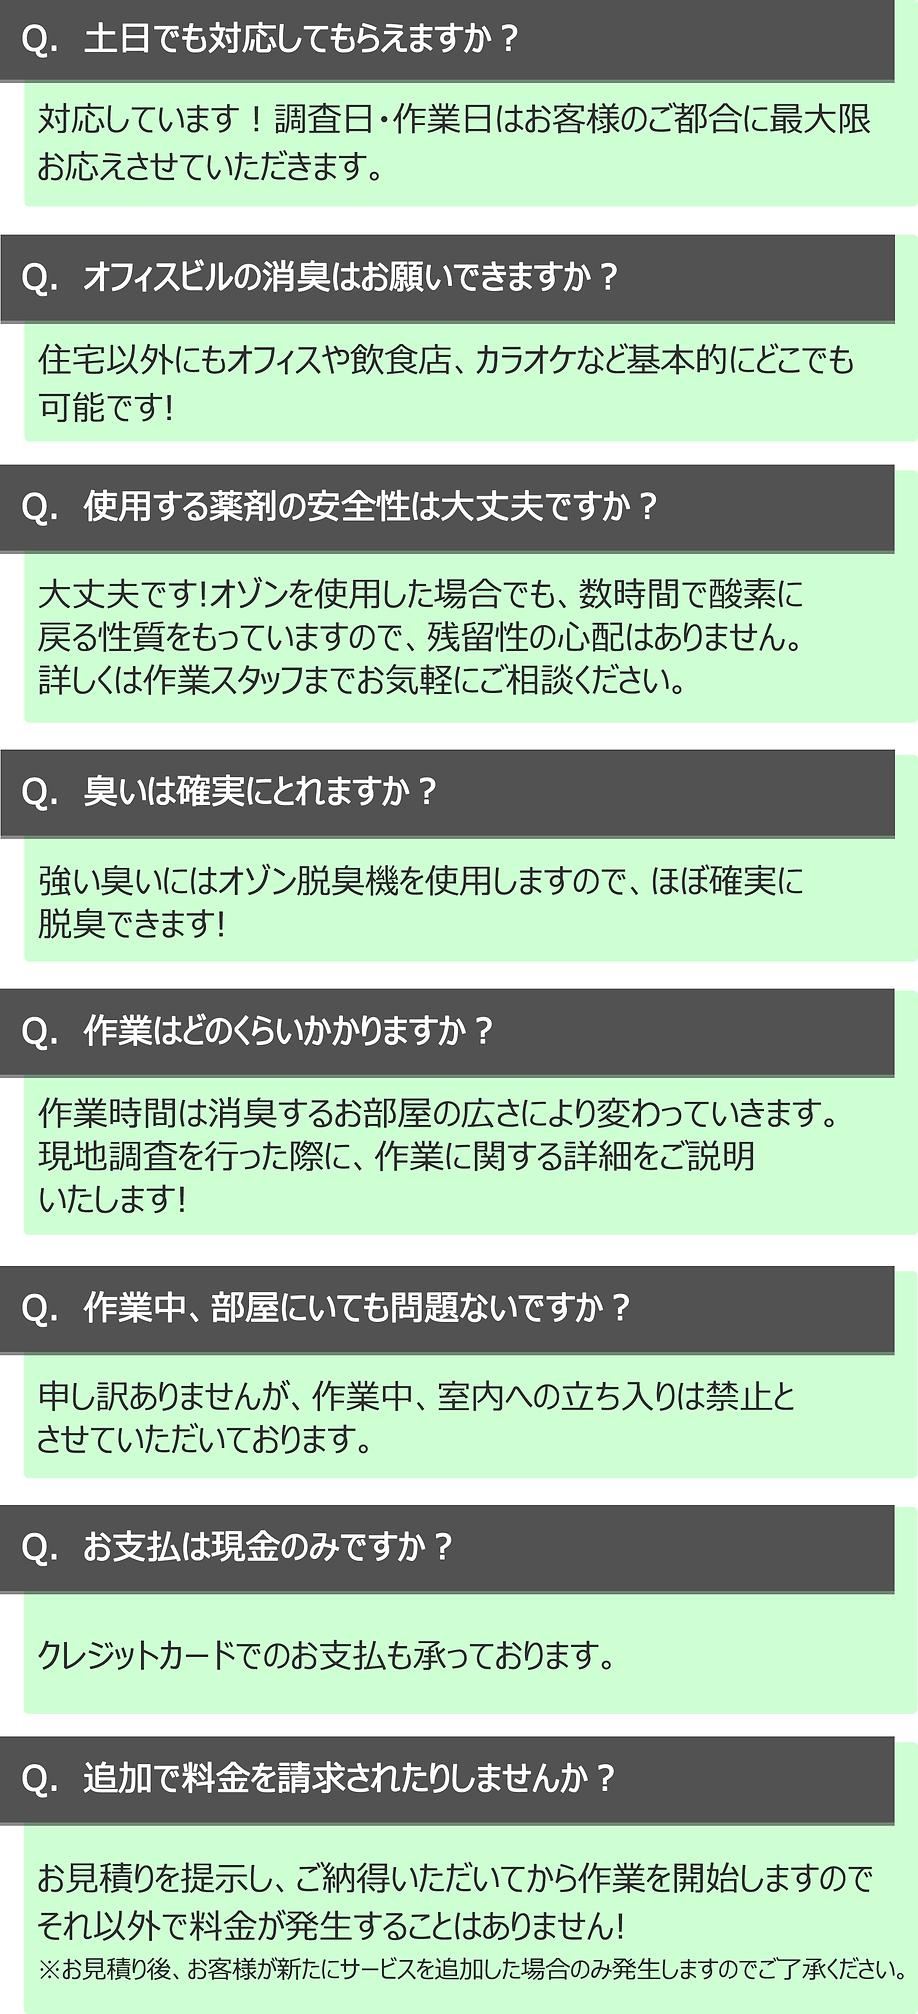 消臭作業についてのよくあるご質問一覧